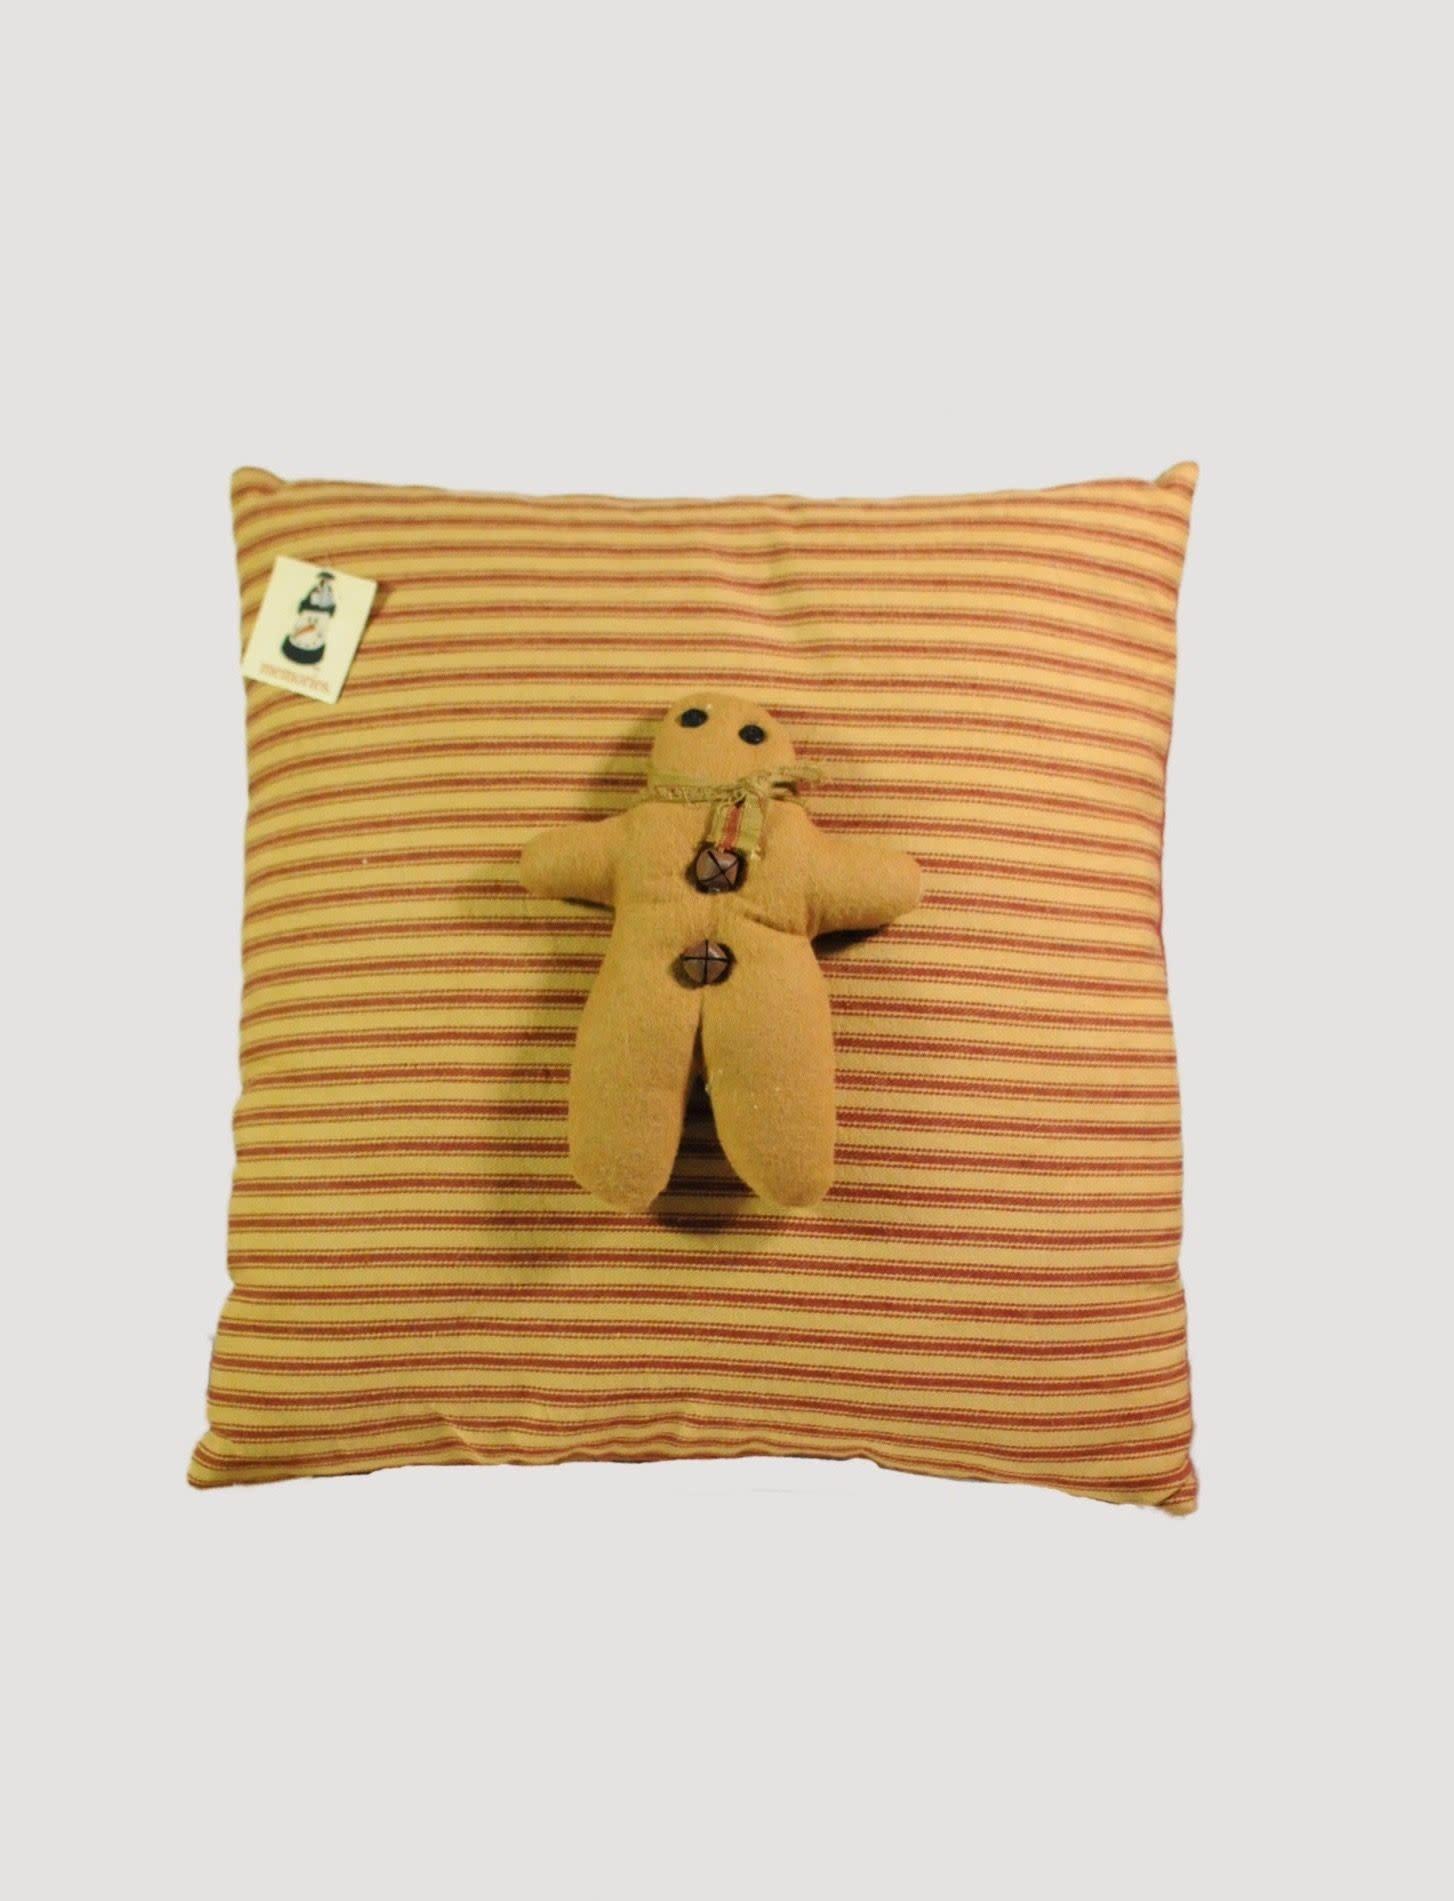 Nana's Farmhouse Gingerbread Pillow